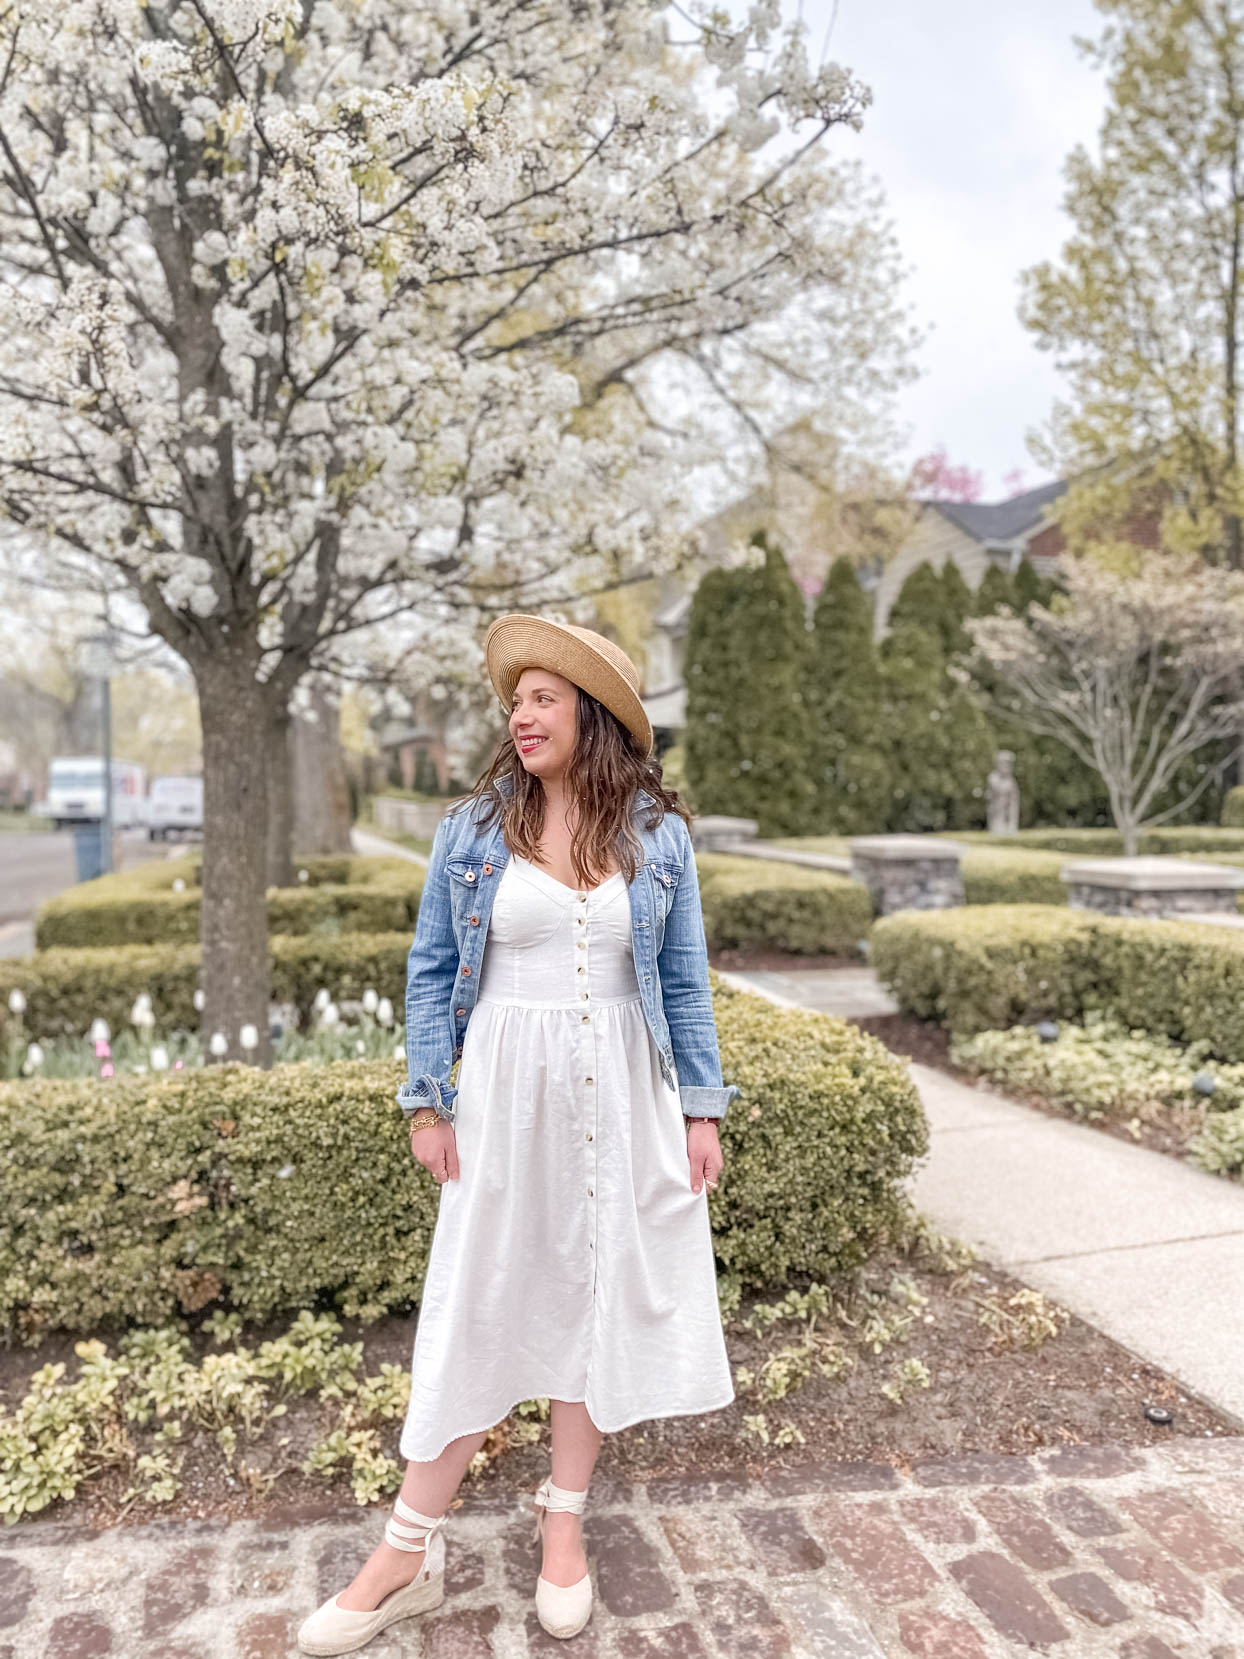 Linen Dress and Denim Jacket